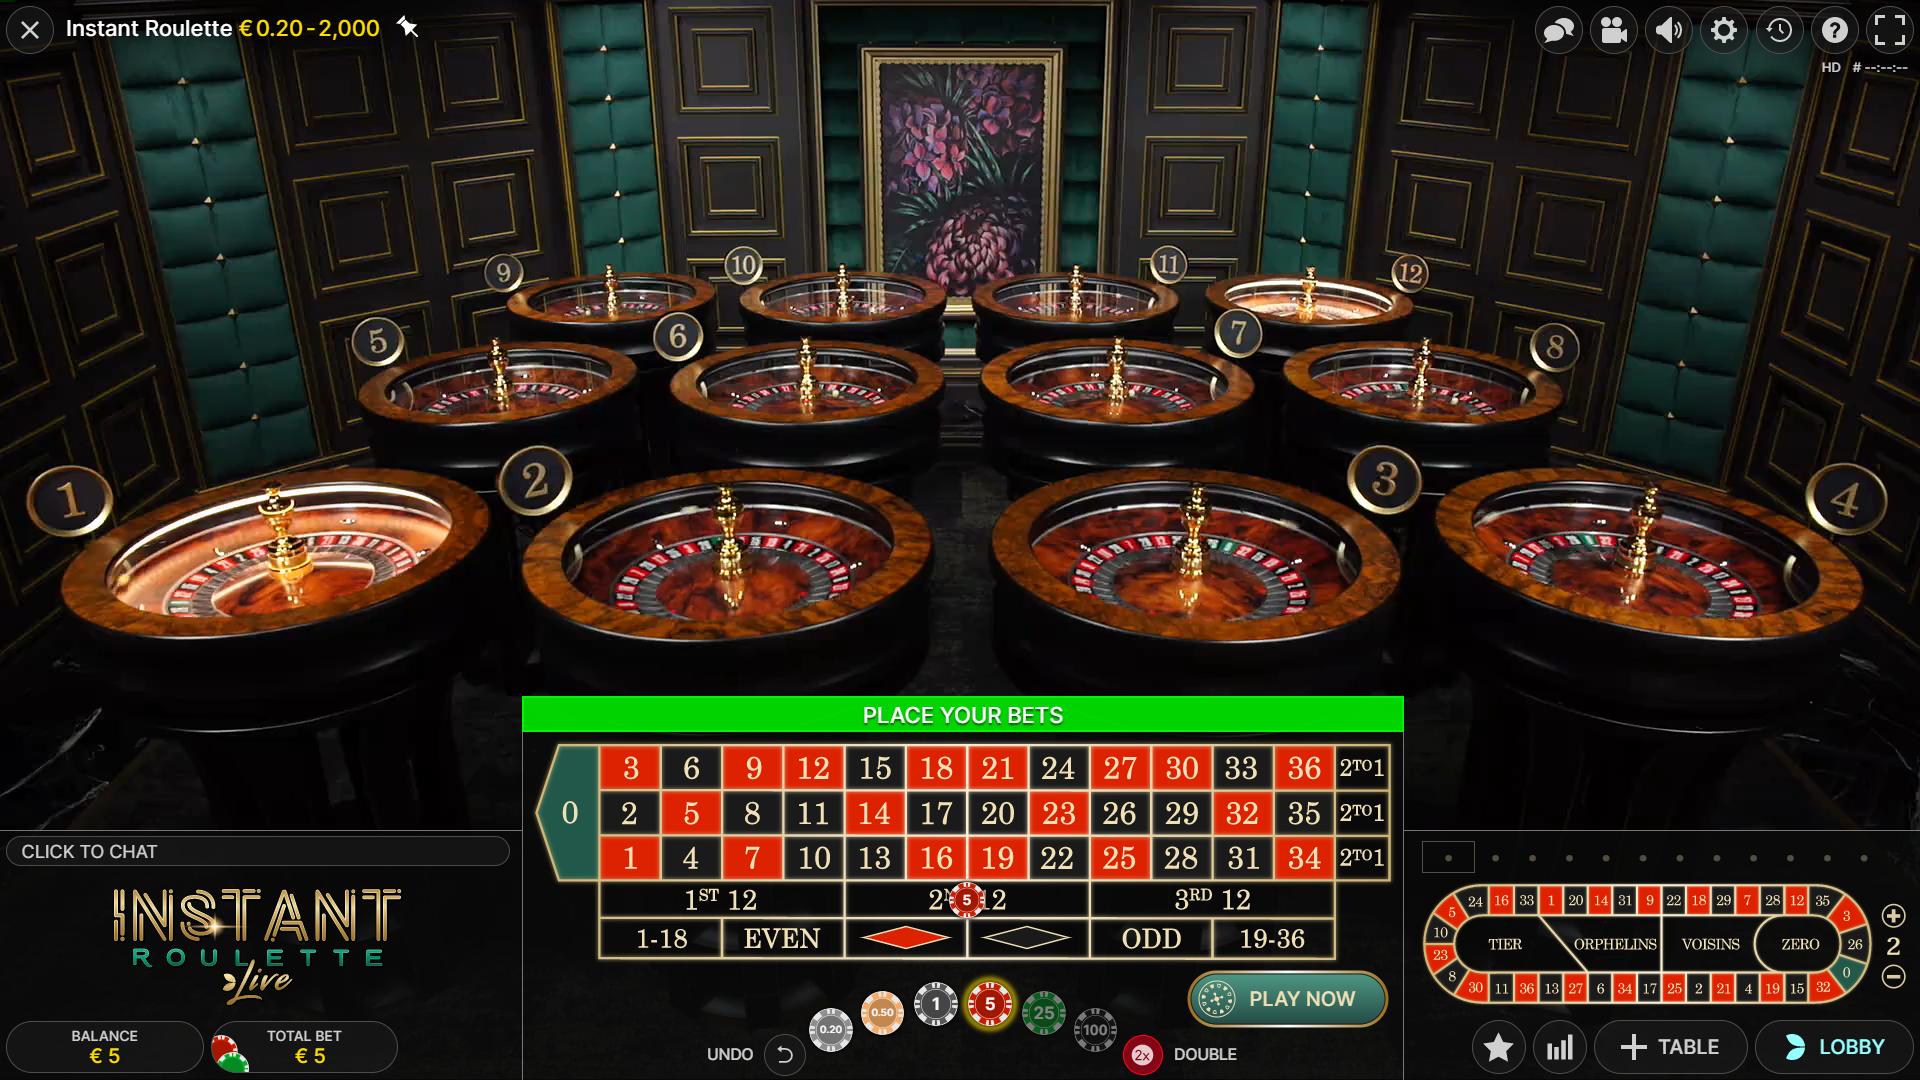 gameplay roda roulette instan menempatkan taruhan Anda 12 roulette mainkan sekarang